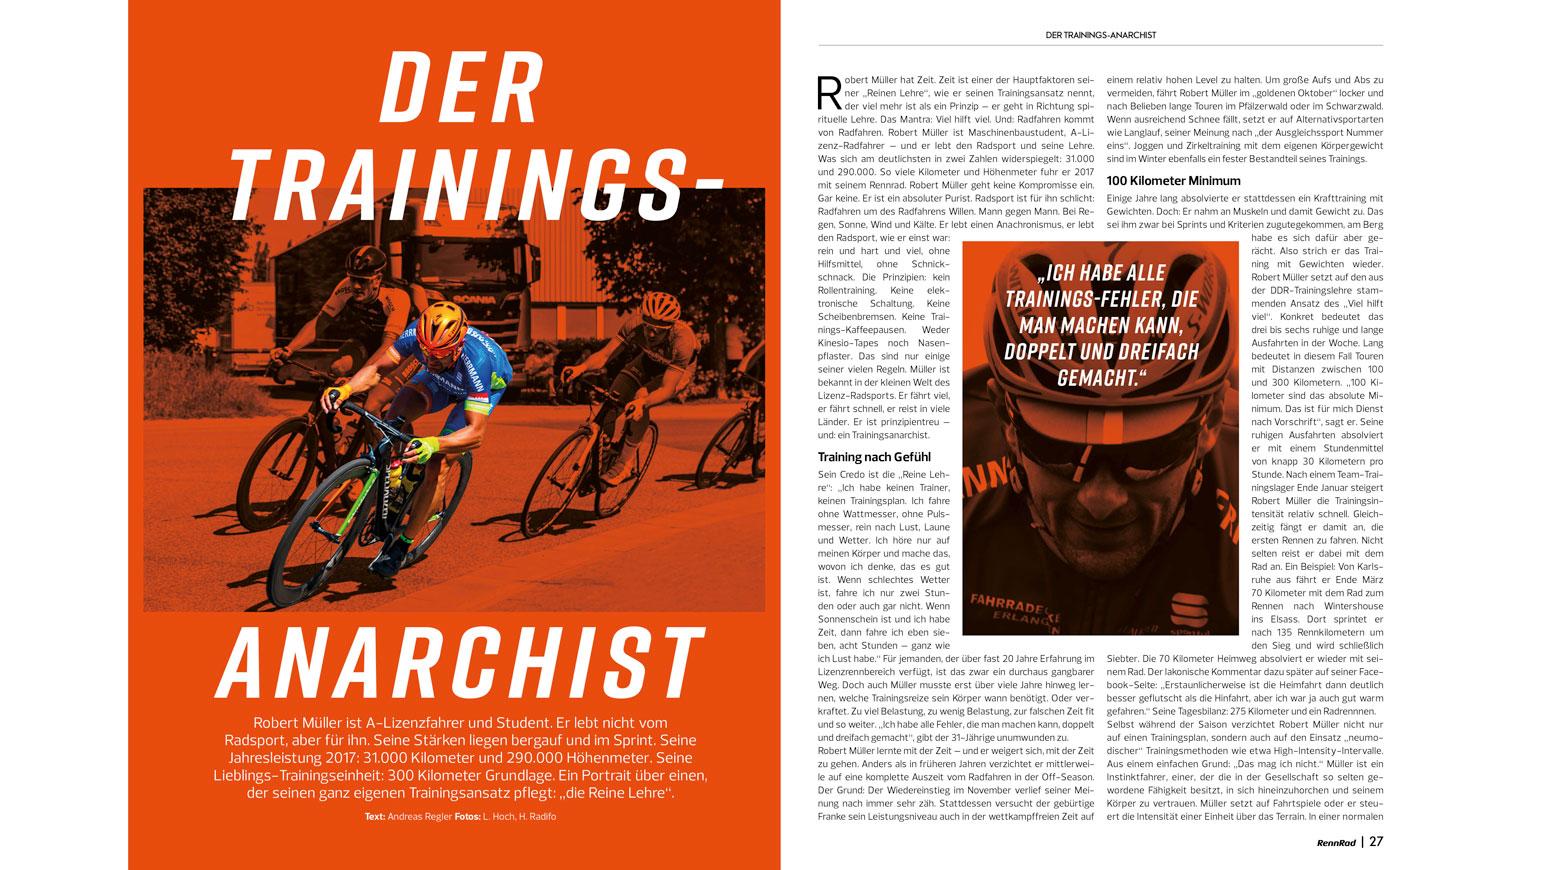 Rober-Müller-Radsport